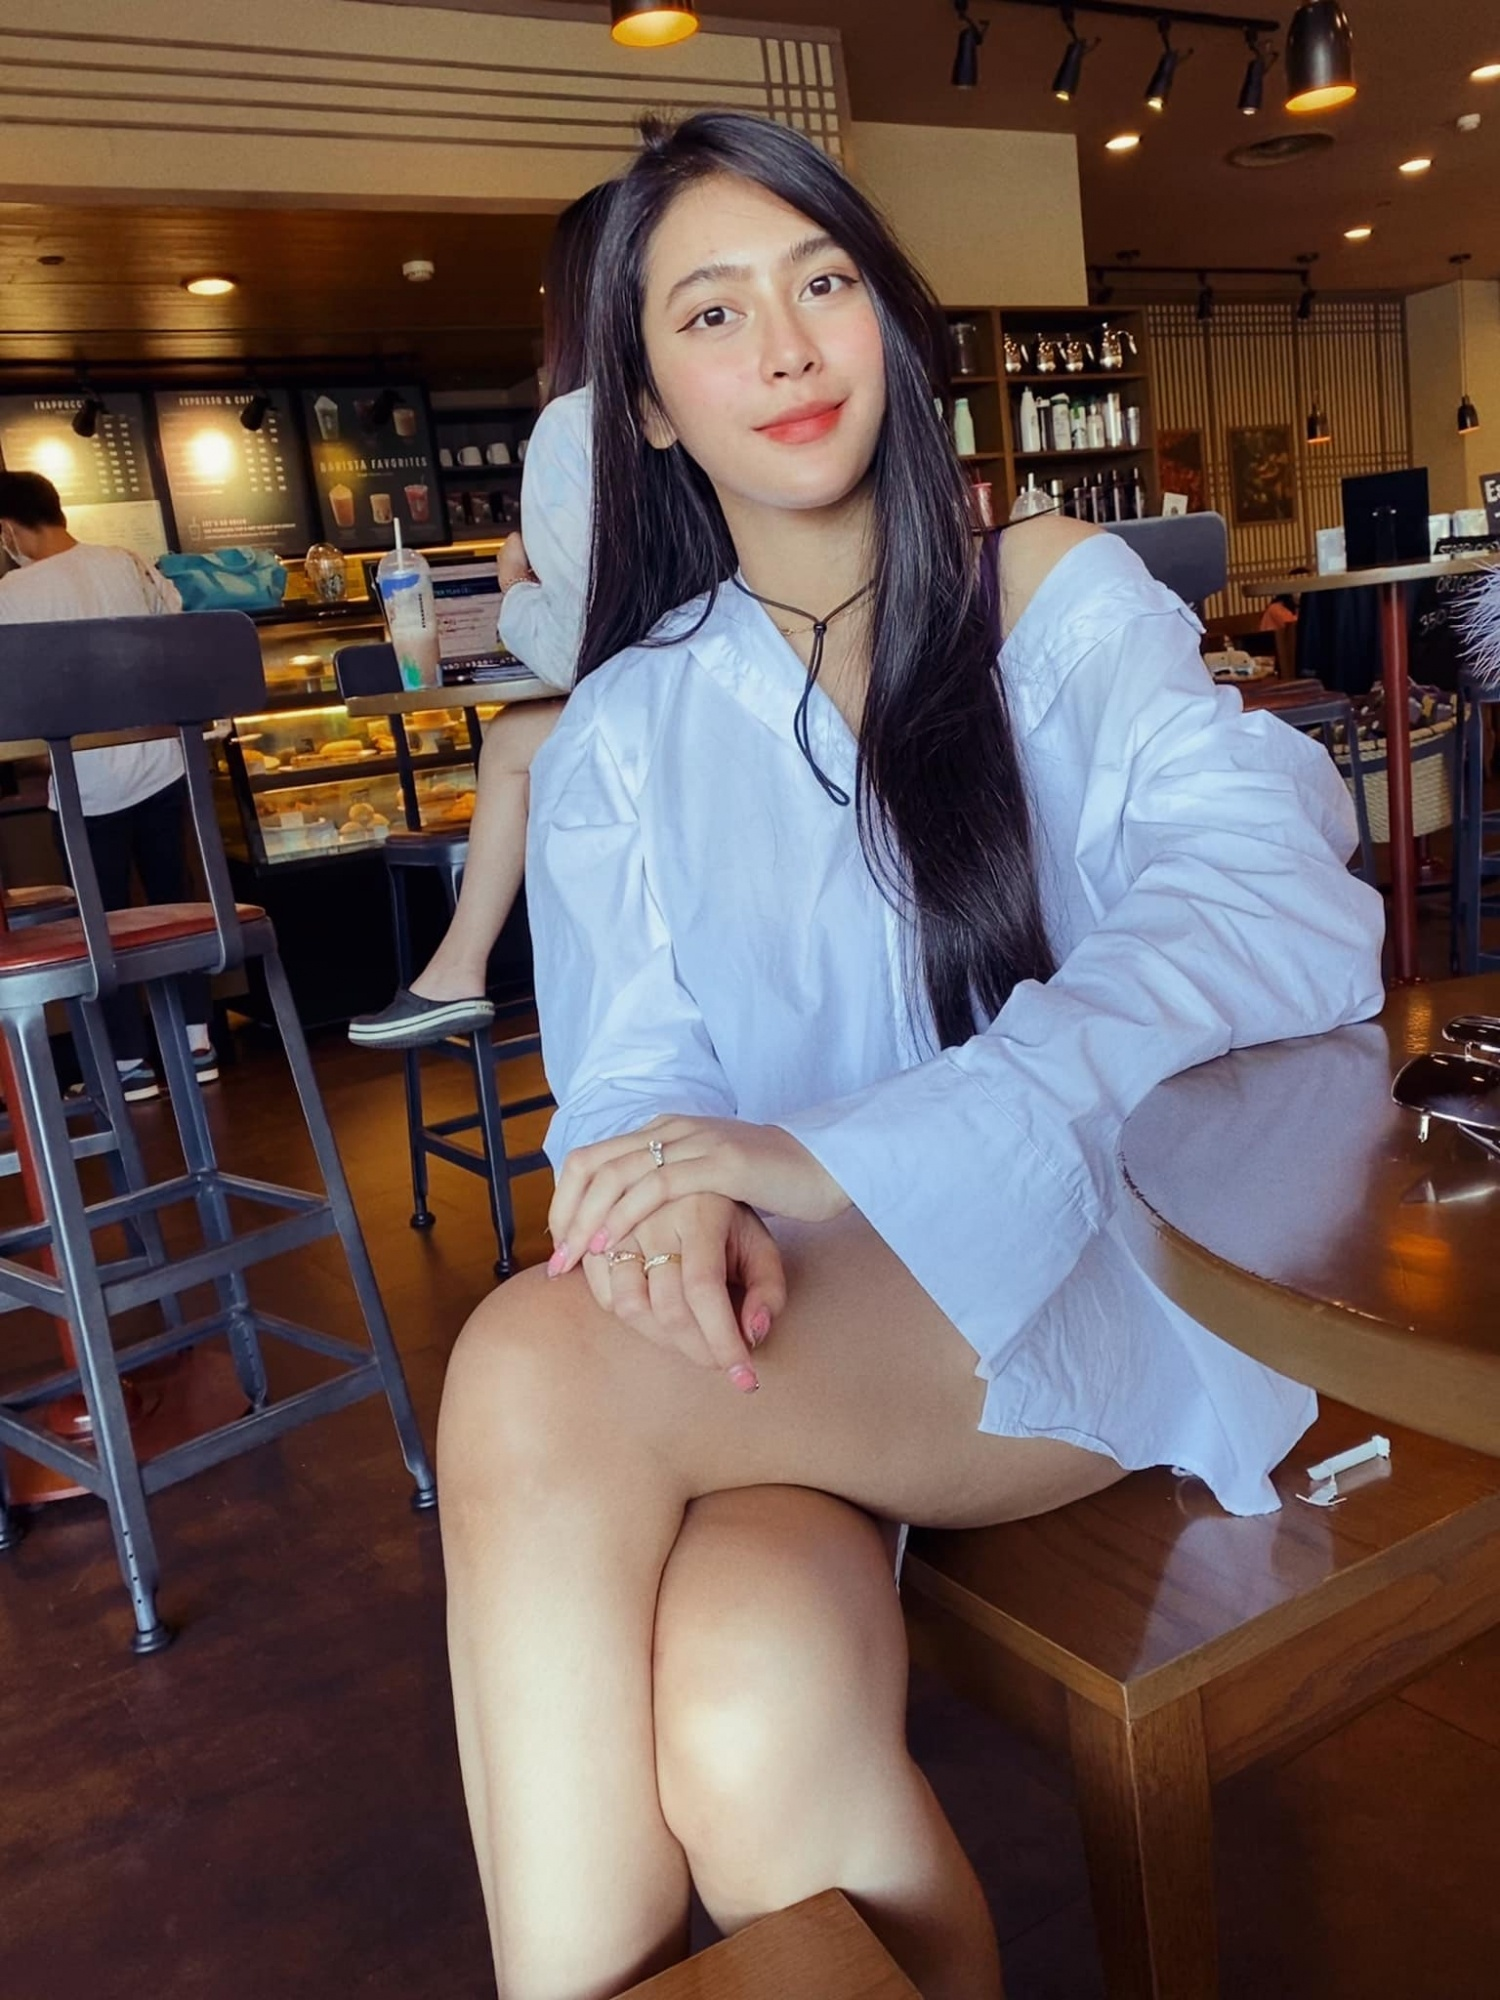 泰国妹子推荐@Ruang日常美图分享在线看-觅爱图